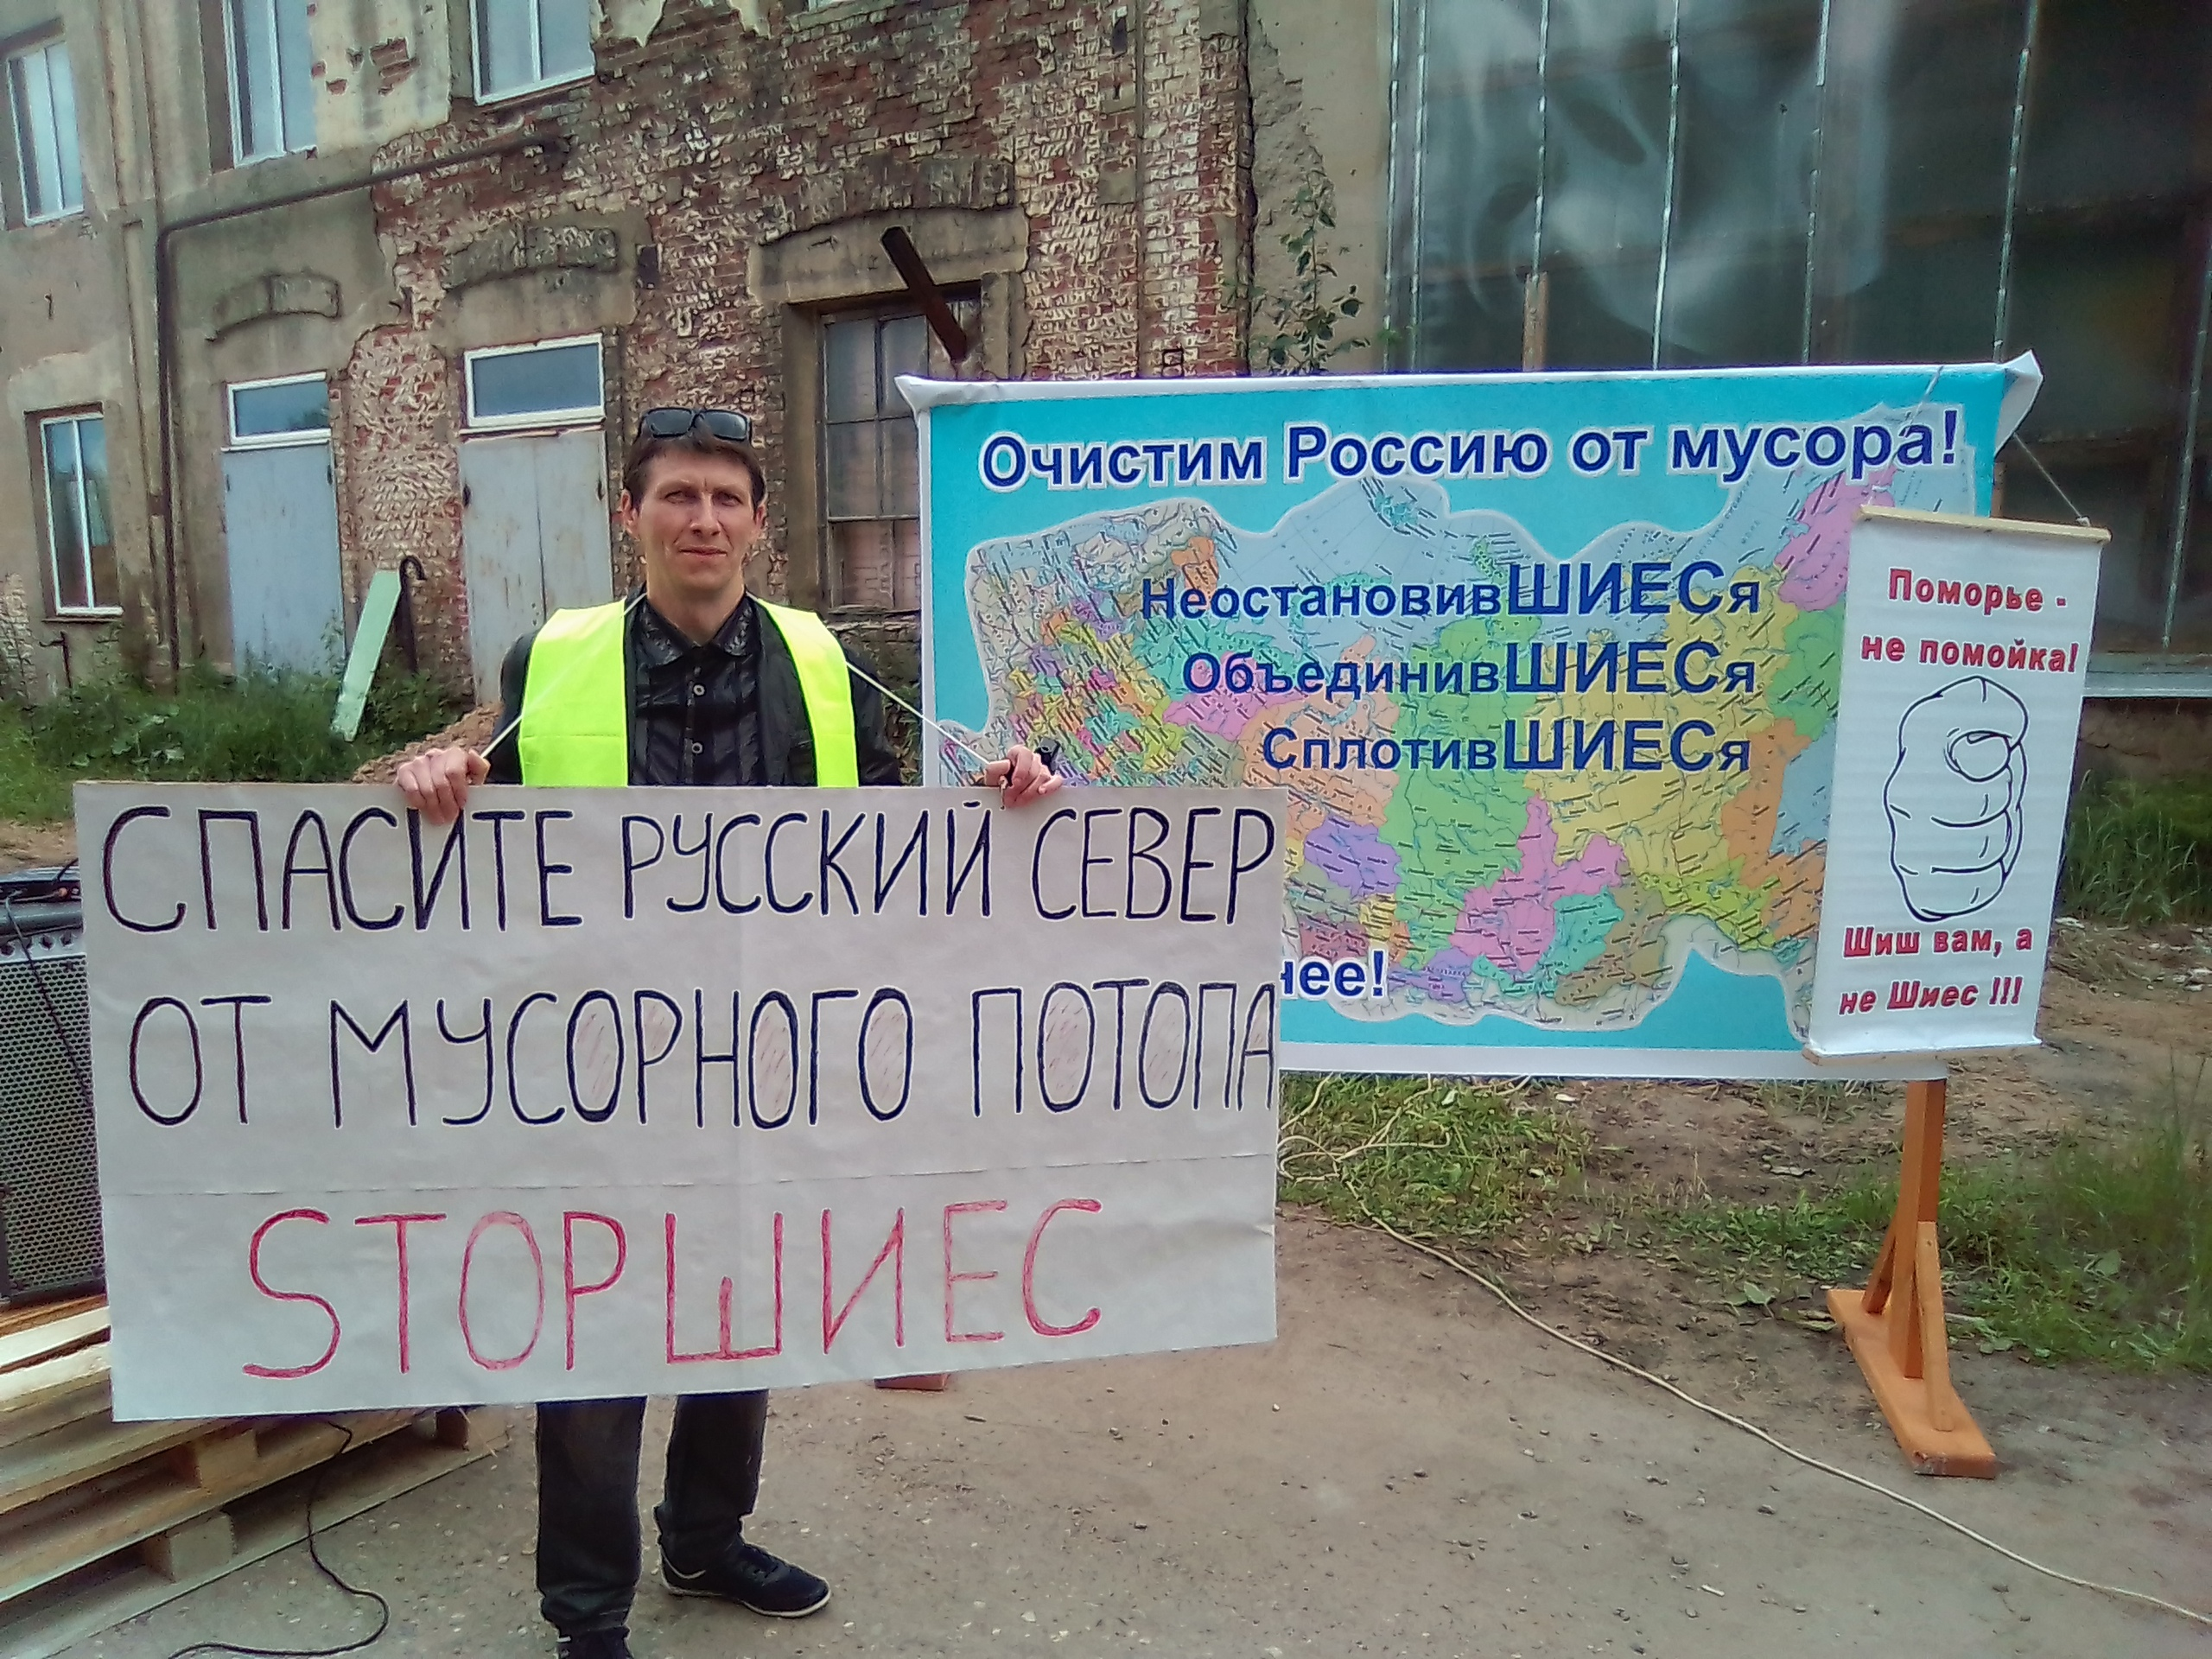 В Великом Устюге прошел митинг в поддержку активистов Шиеса